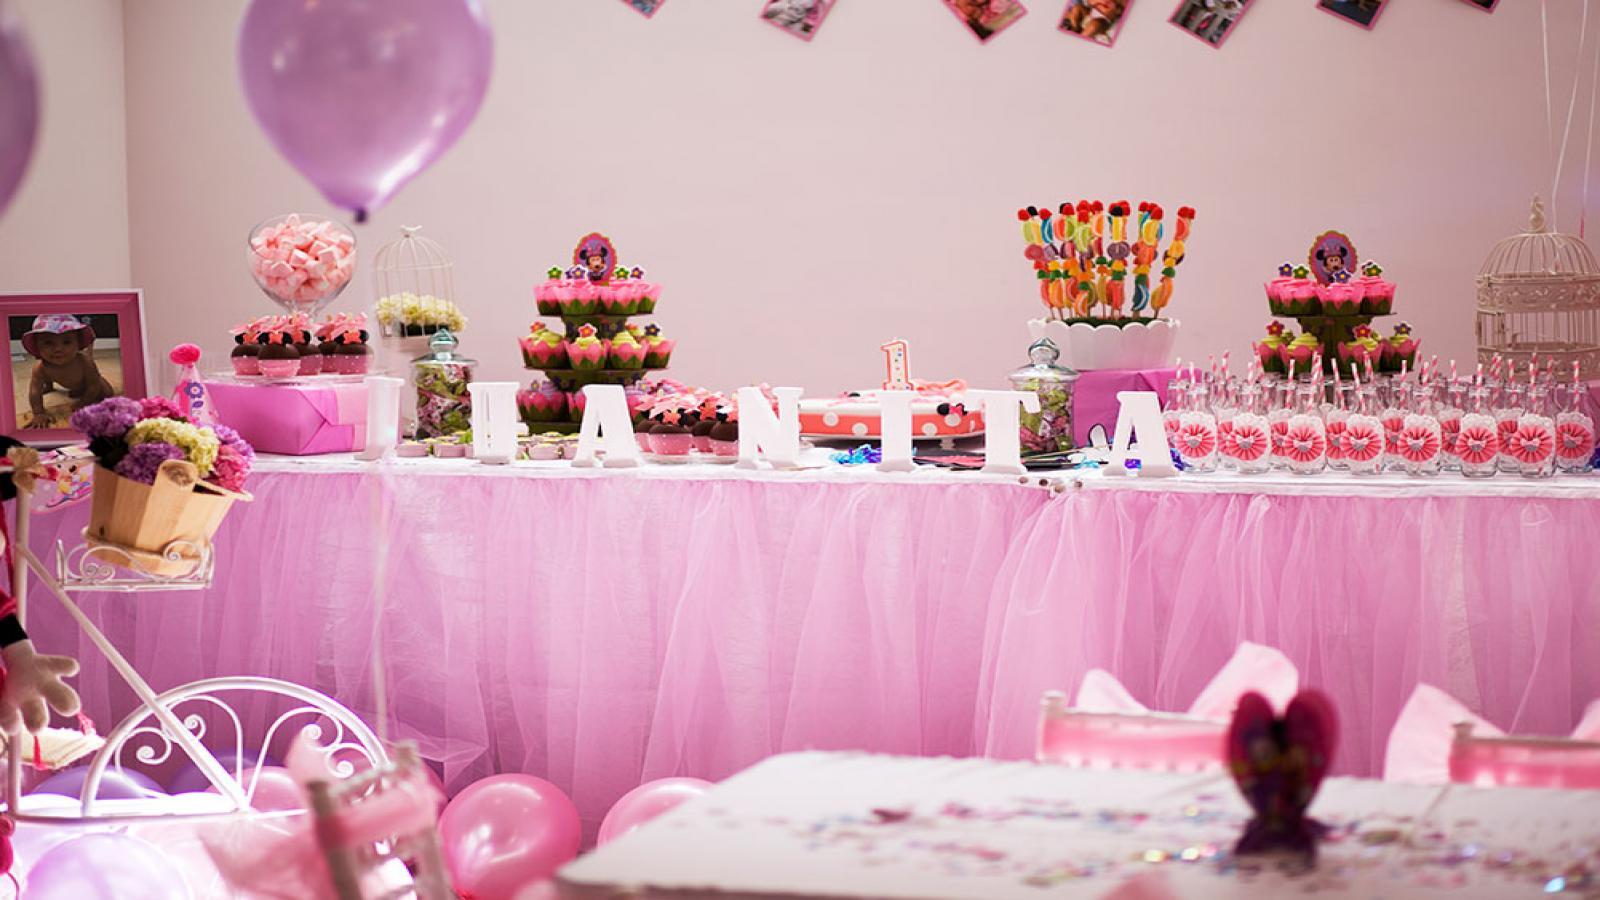 Nombres para negocios de decoraci n de fiestas y eventos - Empresas de decoracion ...